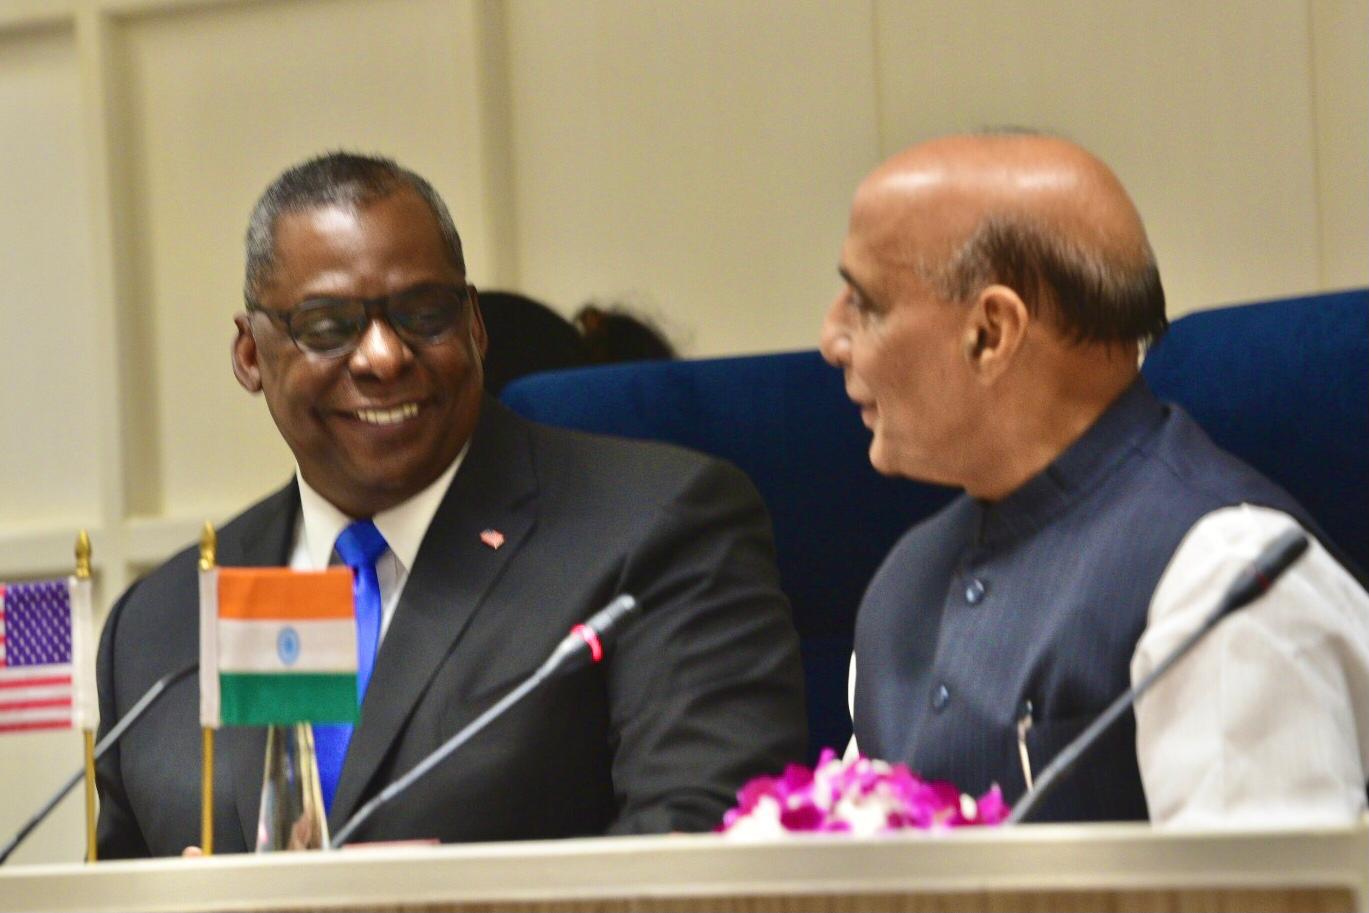 2021年3月のオースティン国防長官・シン防衛大臣会談においても、インド太平洋におけるインド軍と米中央軍・アフリカ軍との連携が確認されている。U.S. Indo-Pacific Command HP Photo By: Lisa Ferdinando, DOD